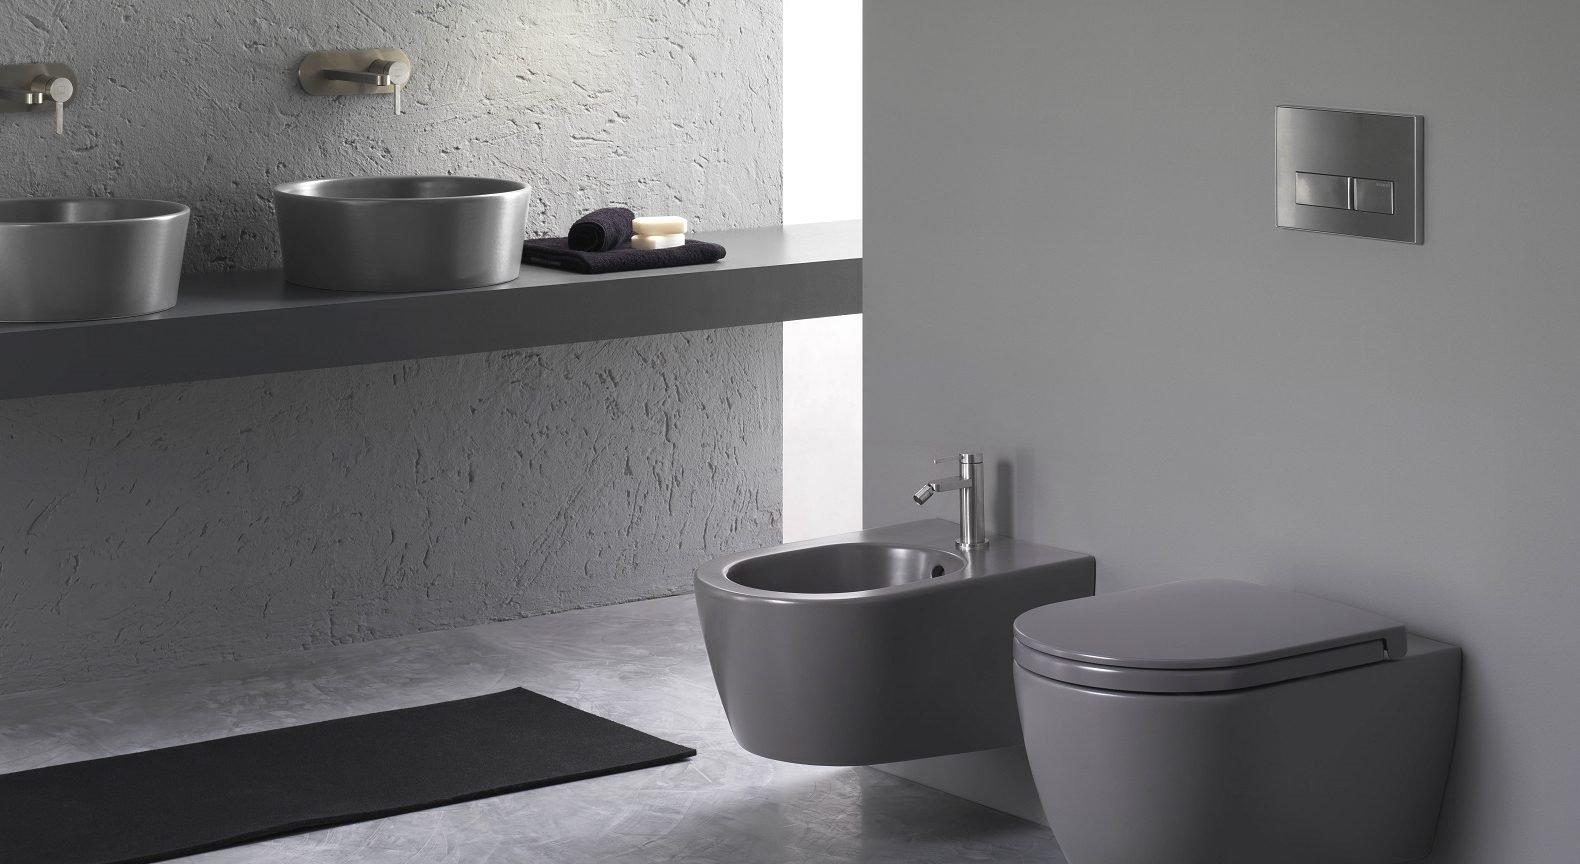 Bagno non solo bianco per sanitari co cose di casa - Quanto costano i sanitari del bagno ...